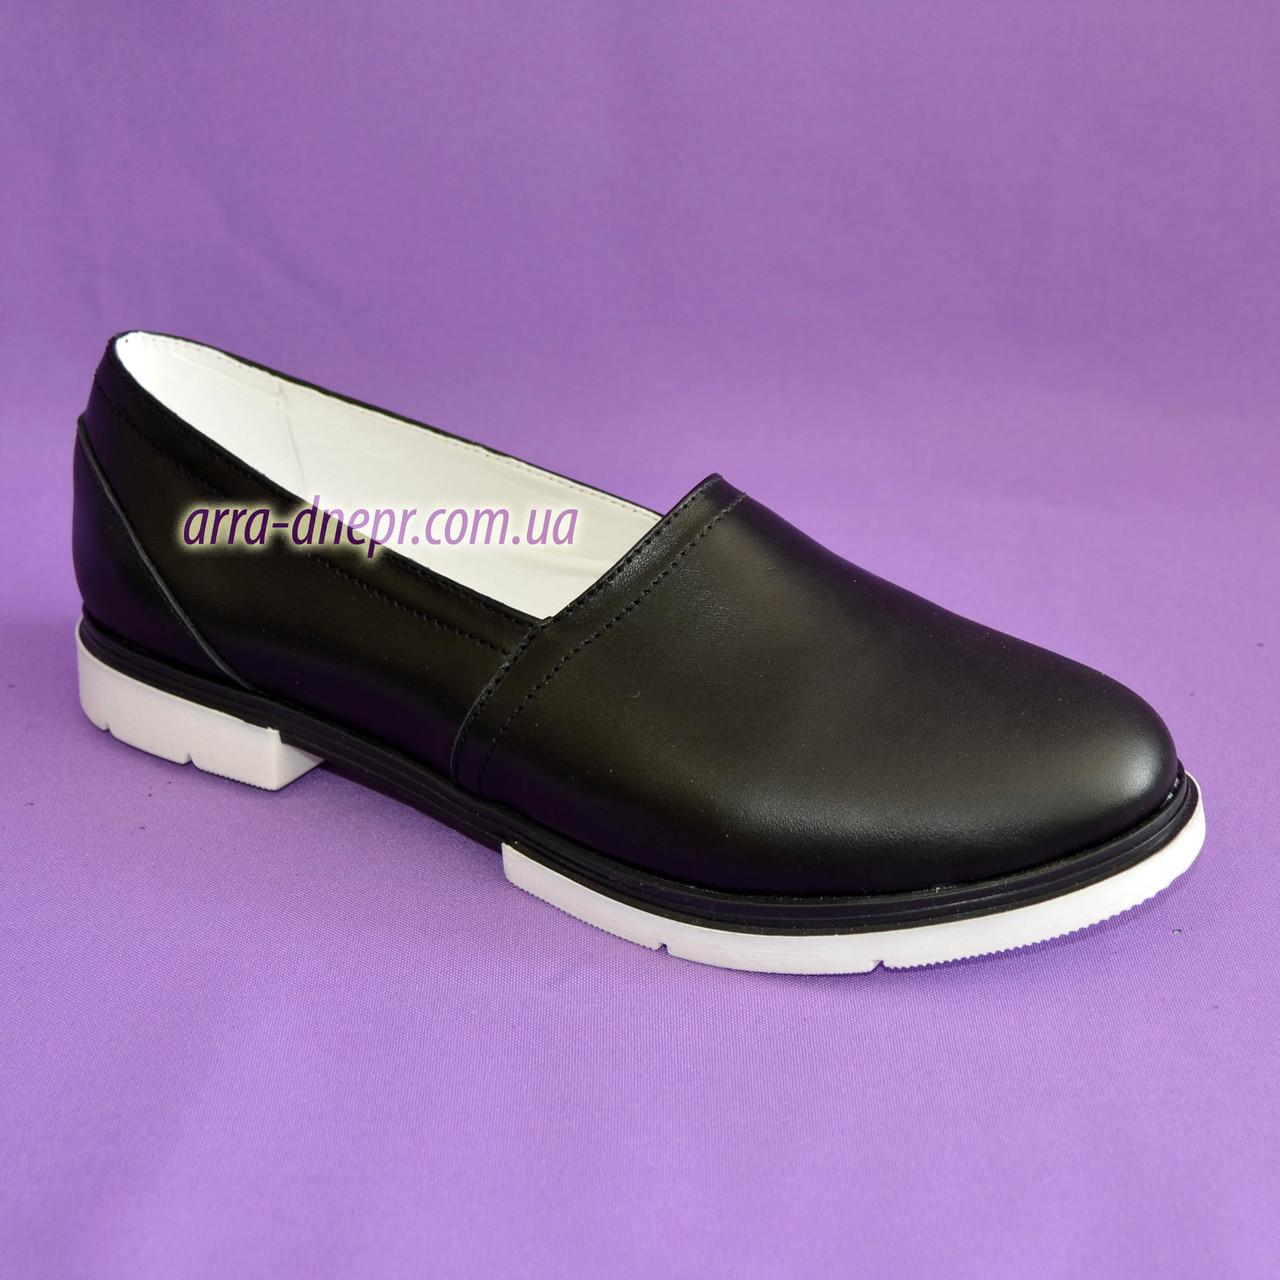 Женские кожаные черные туфли-балетки на утолщенной белой подошве